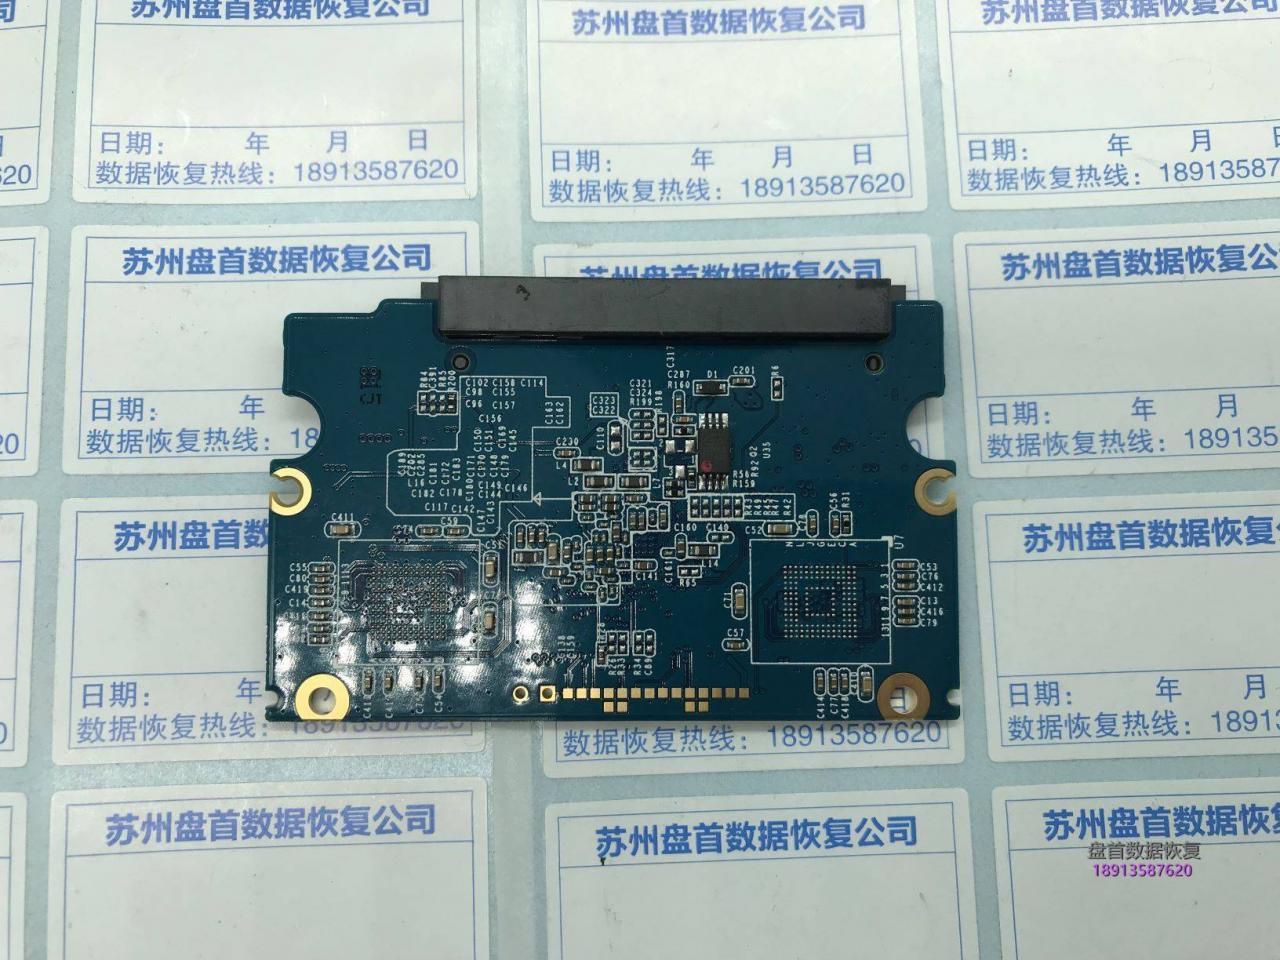 影驰SSD掉盘变成SATAFIRM S11固件损坏导致掉盘修复成功